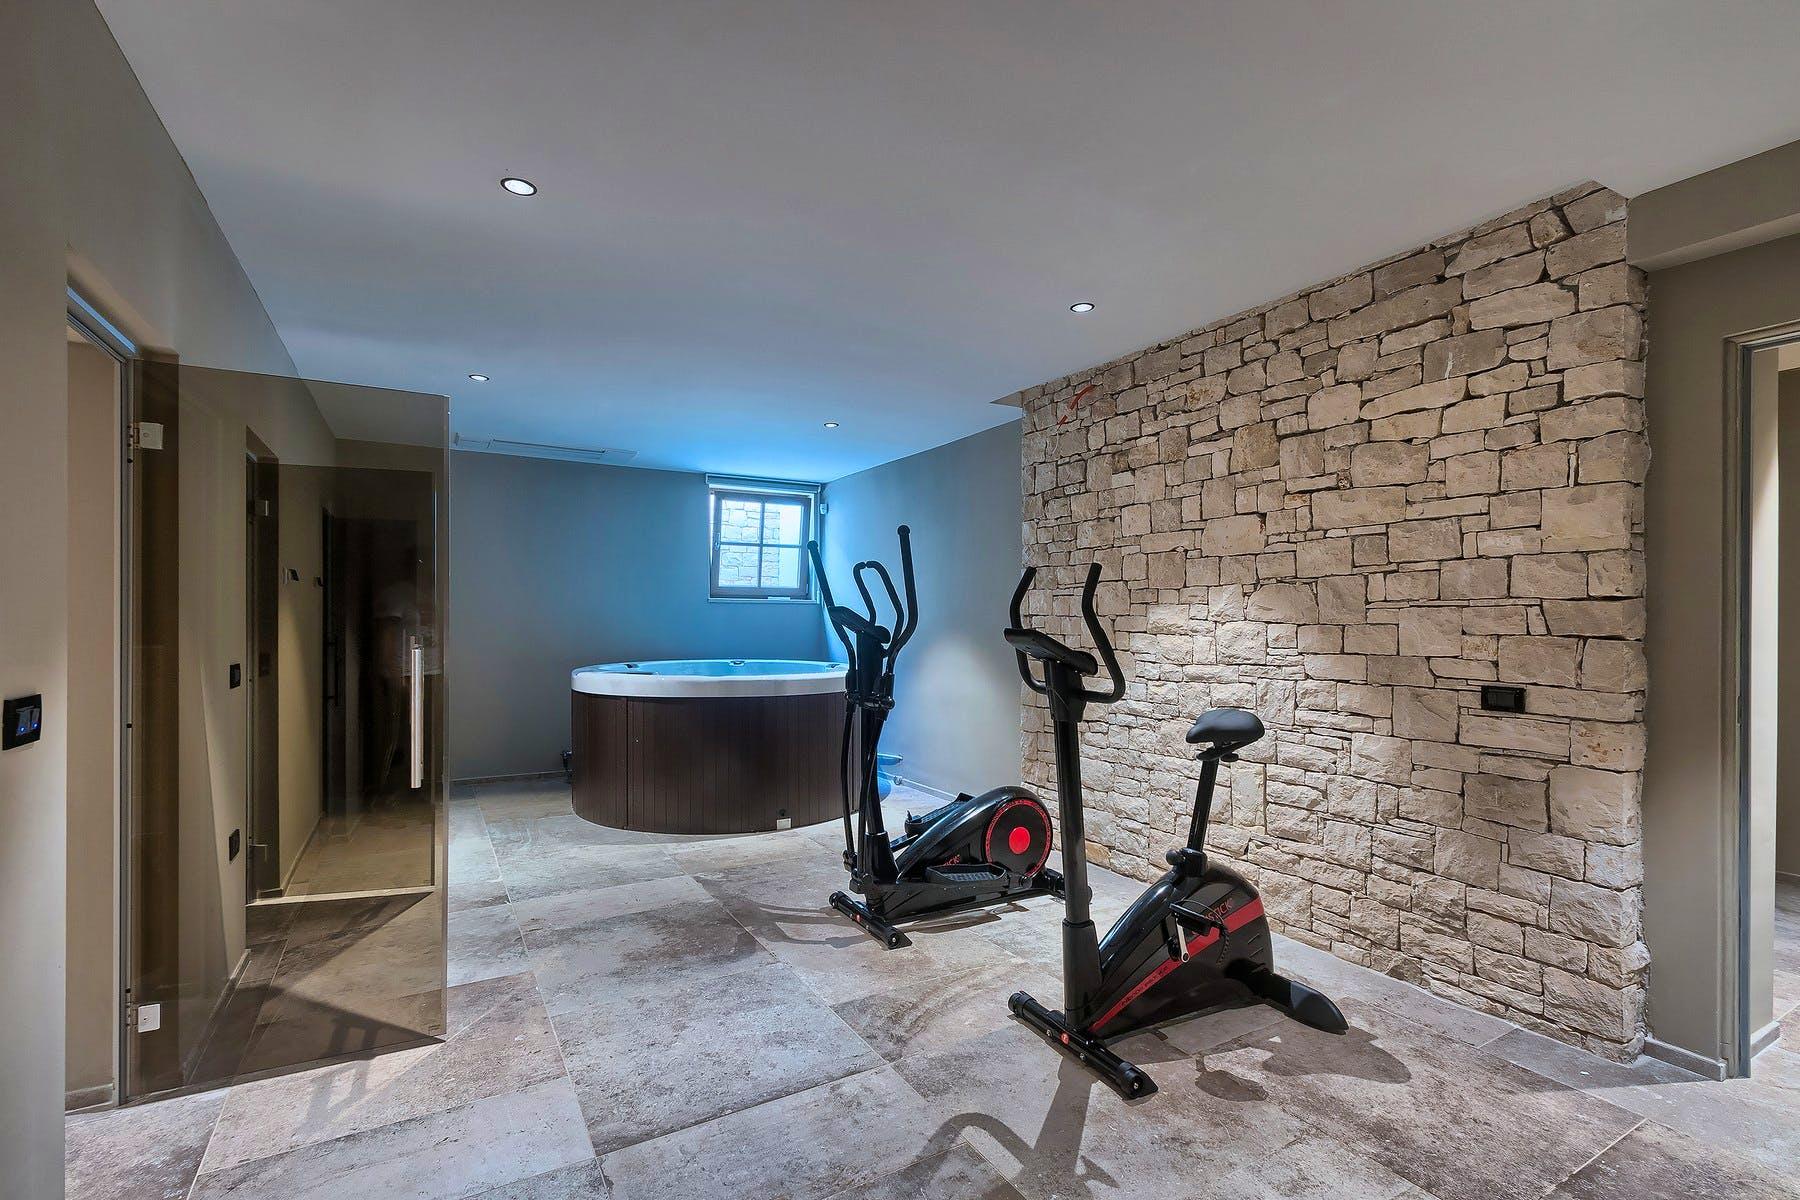 Spa zona s hidromasažnom kadom, spravama za vježbanje i dvije saune